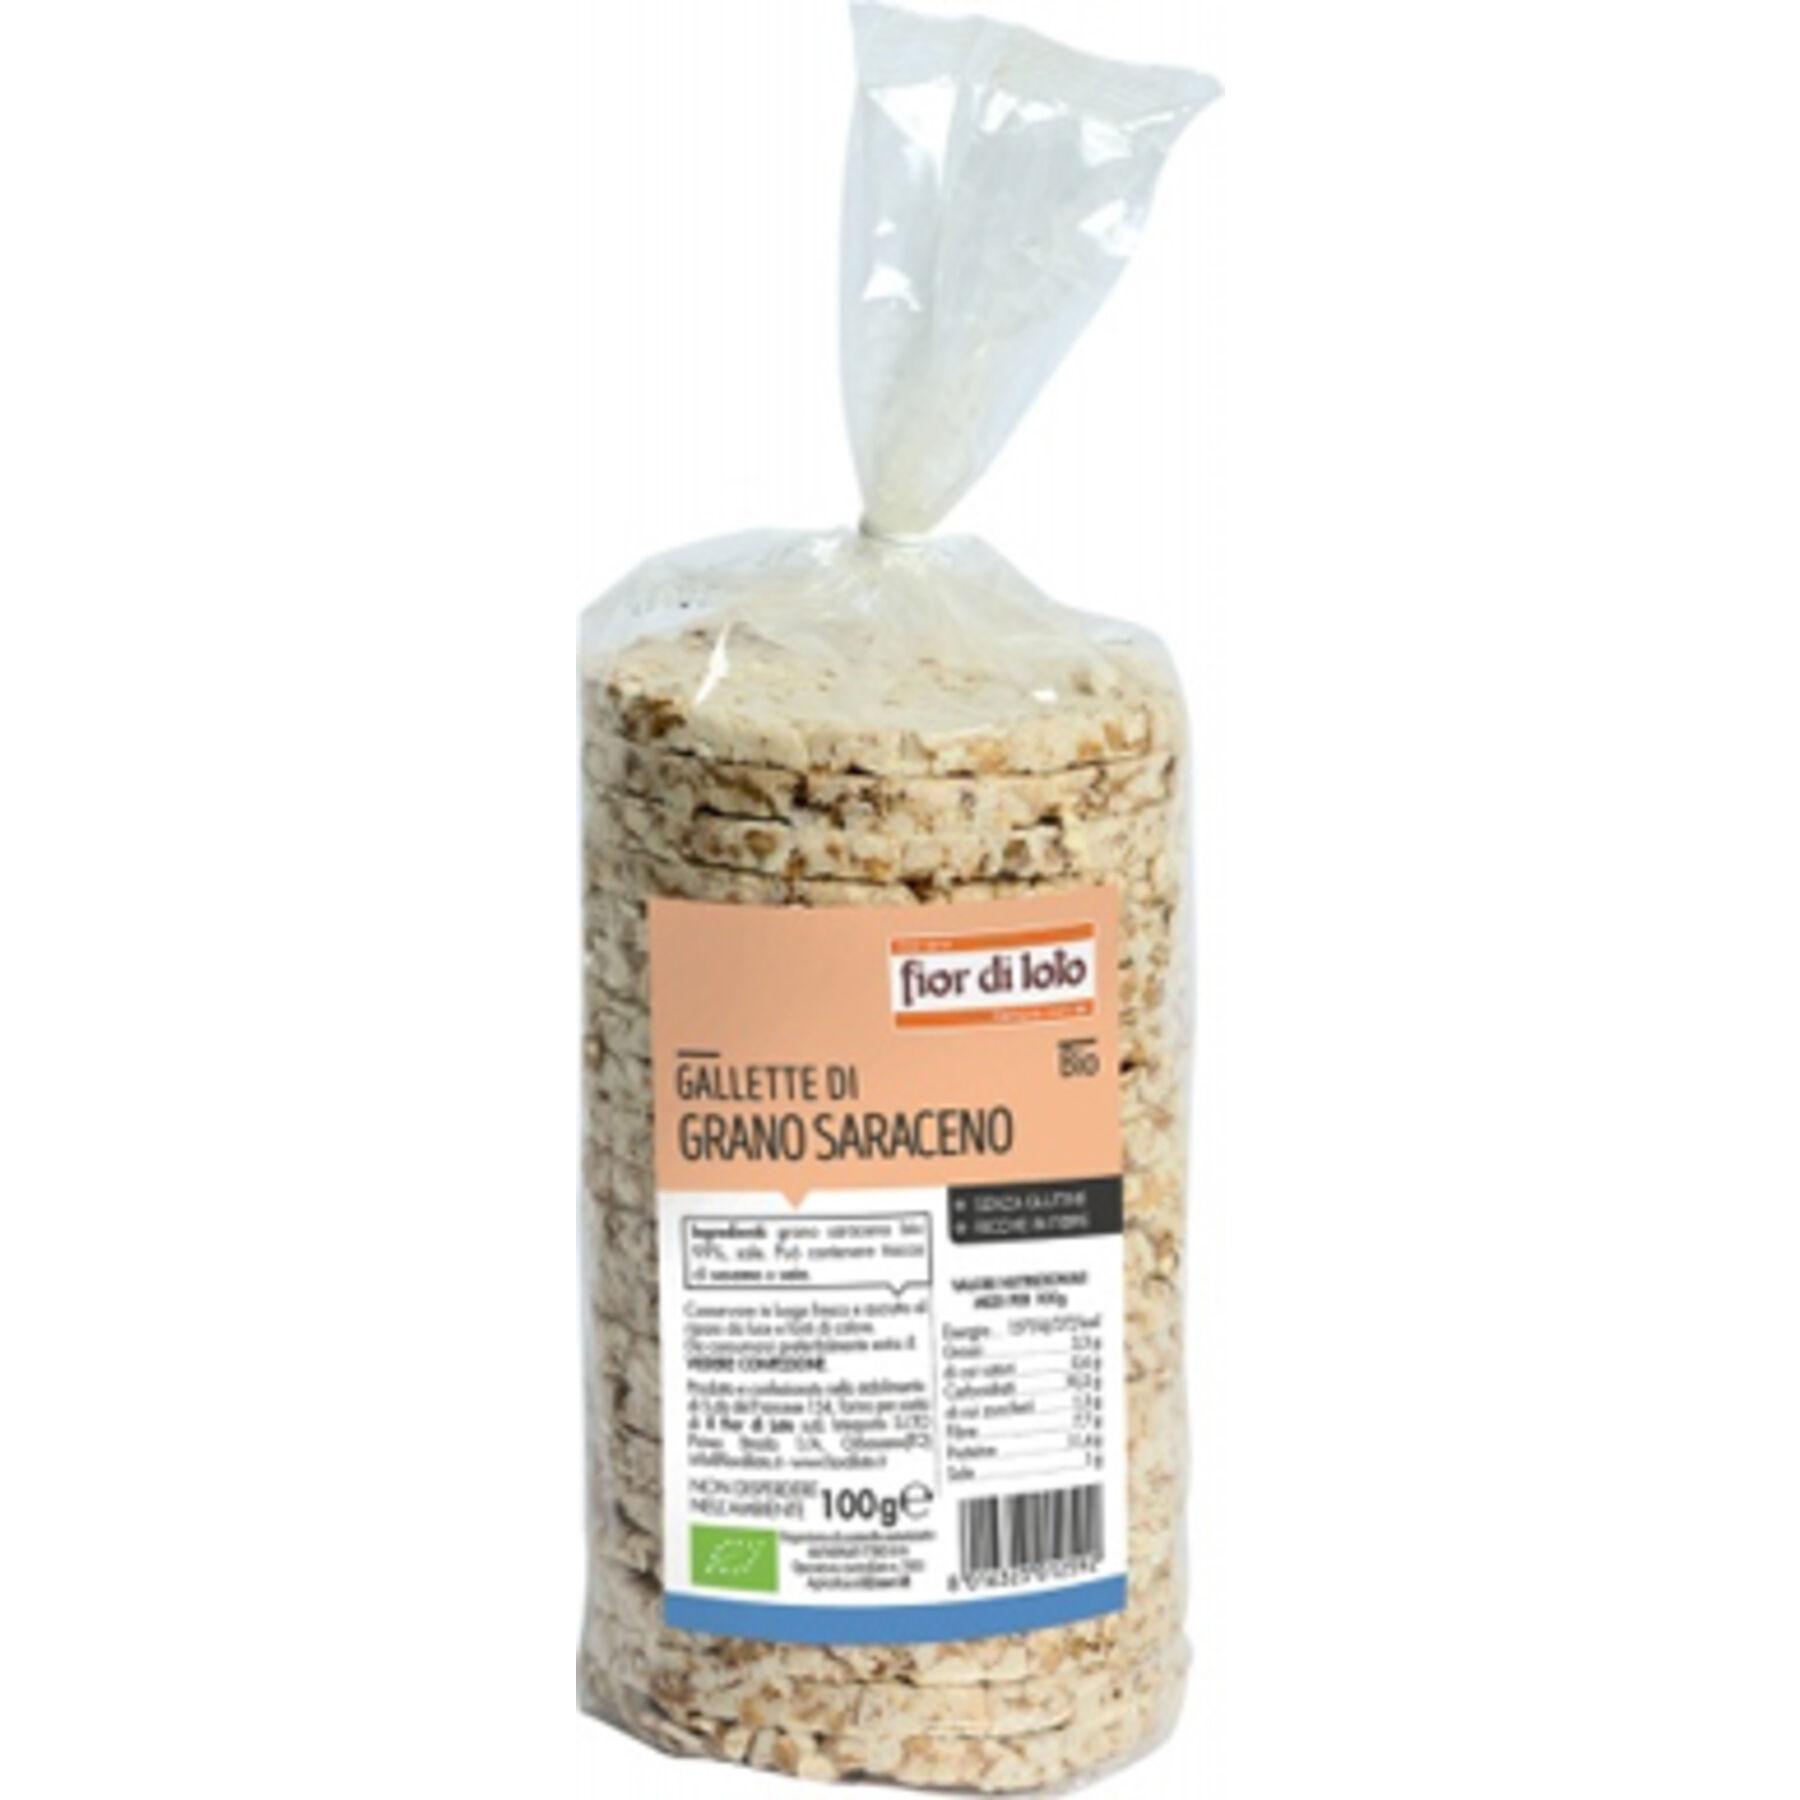 BIOTOBIO Srl Gallette di grano saraceno bio 100 g